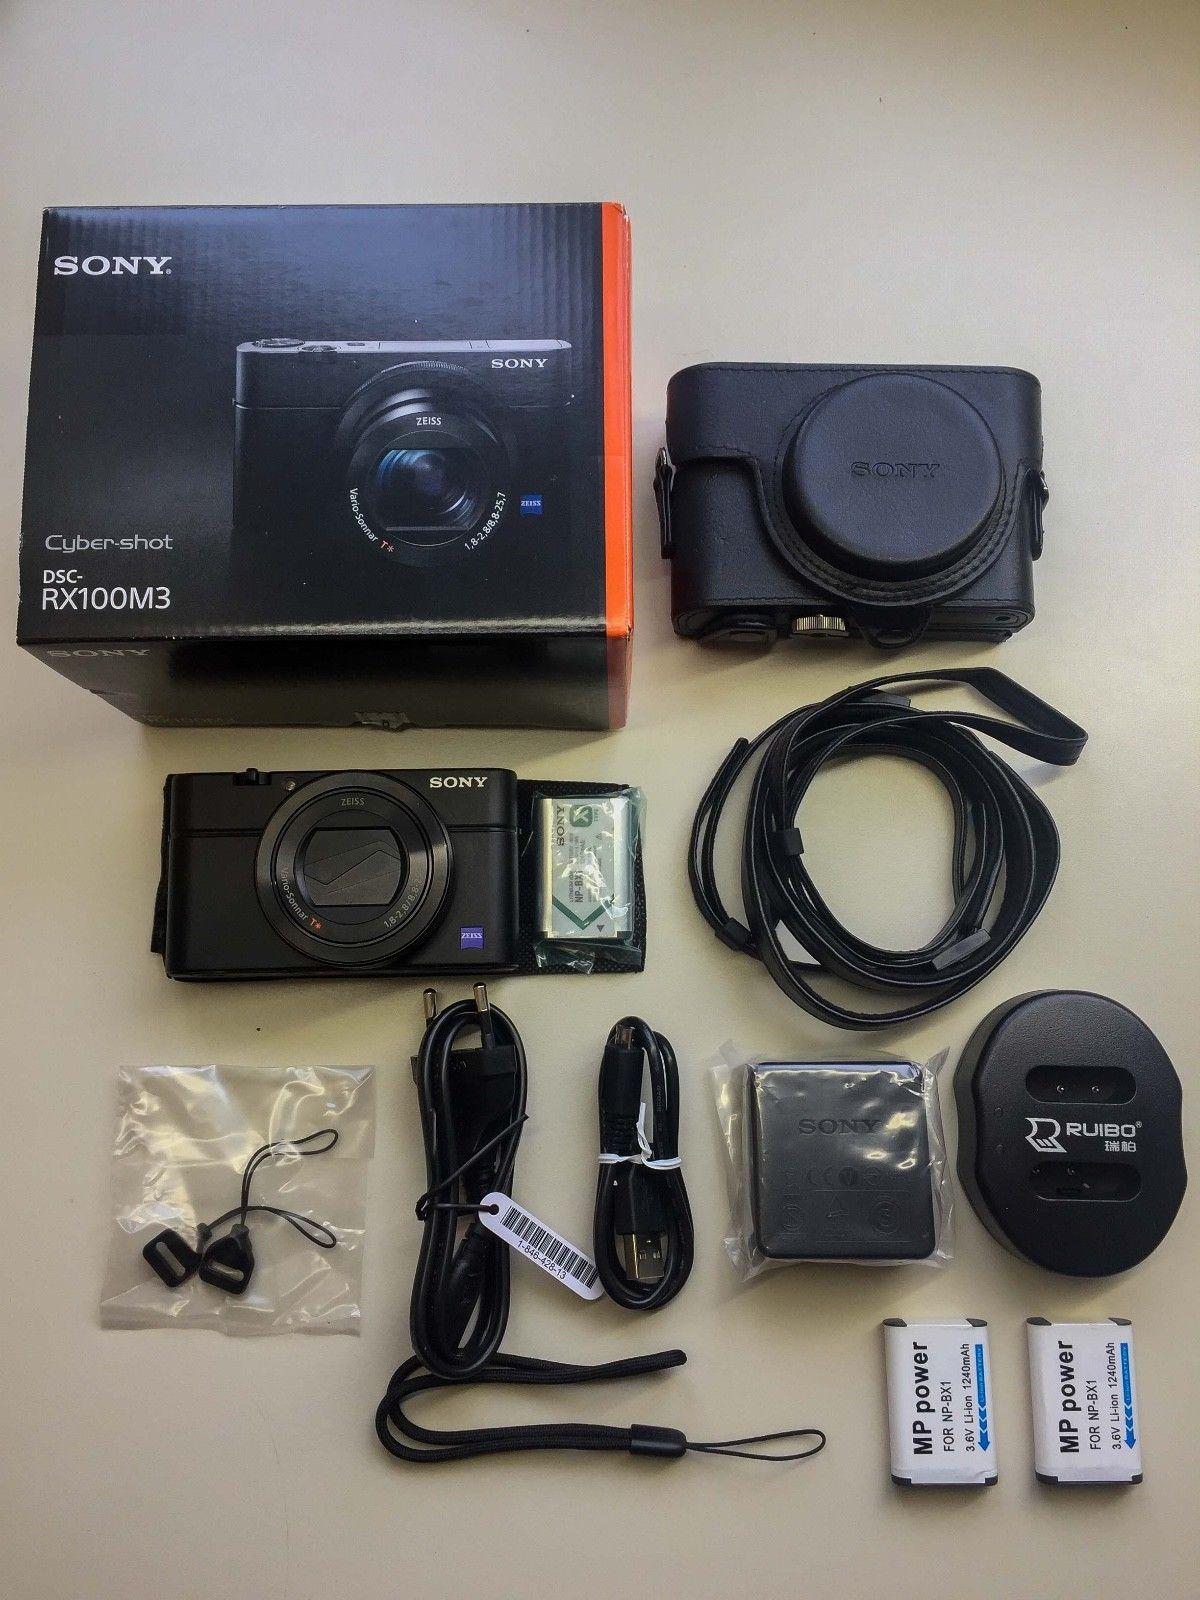 Sony Cyber-shot DSC-RX100M3 / III 20.1 MP Digitalkamera inkl. Zubehörpaket